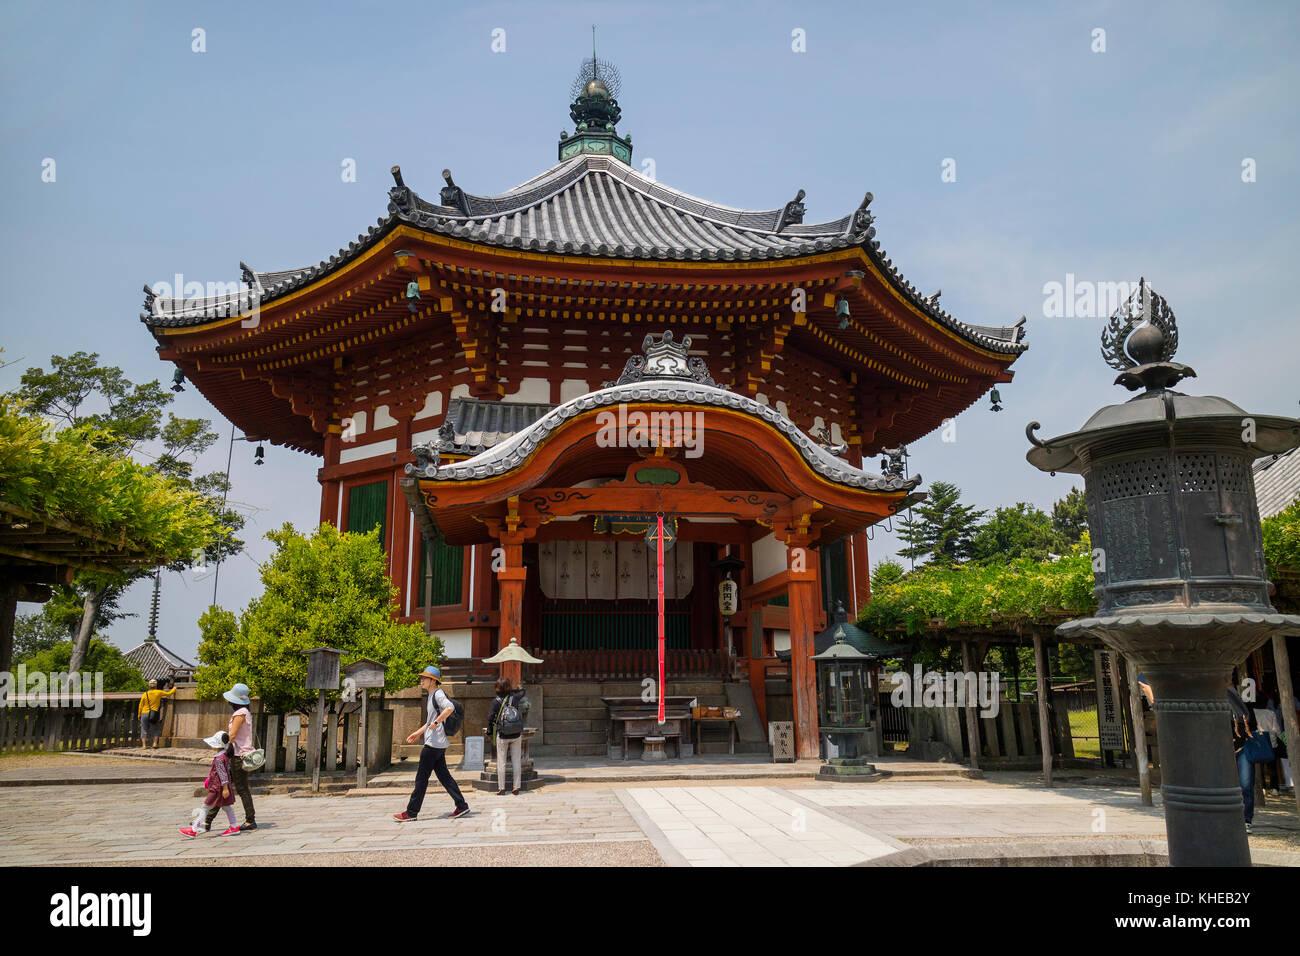 Nara, Japan -  May 31, 2017: Nanendo, Southern Octagonal Hall, at the Kofukuji Temple in Nara - Stock Image